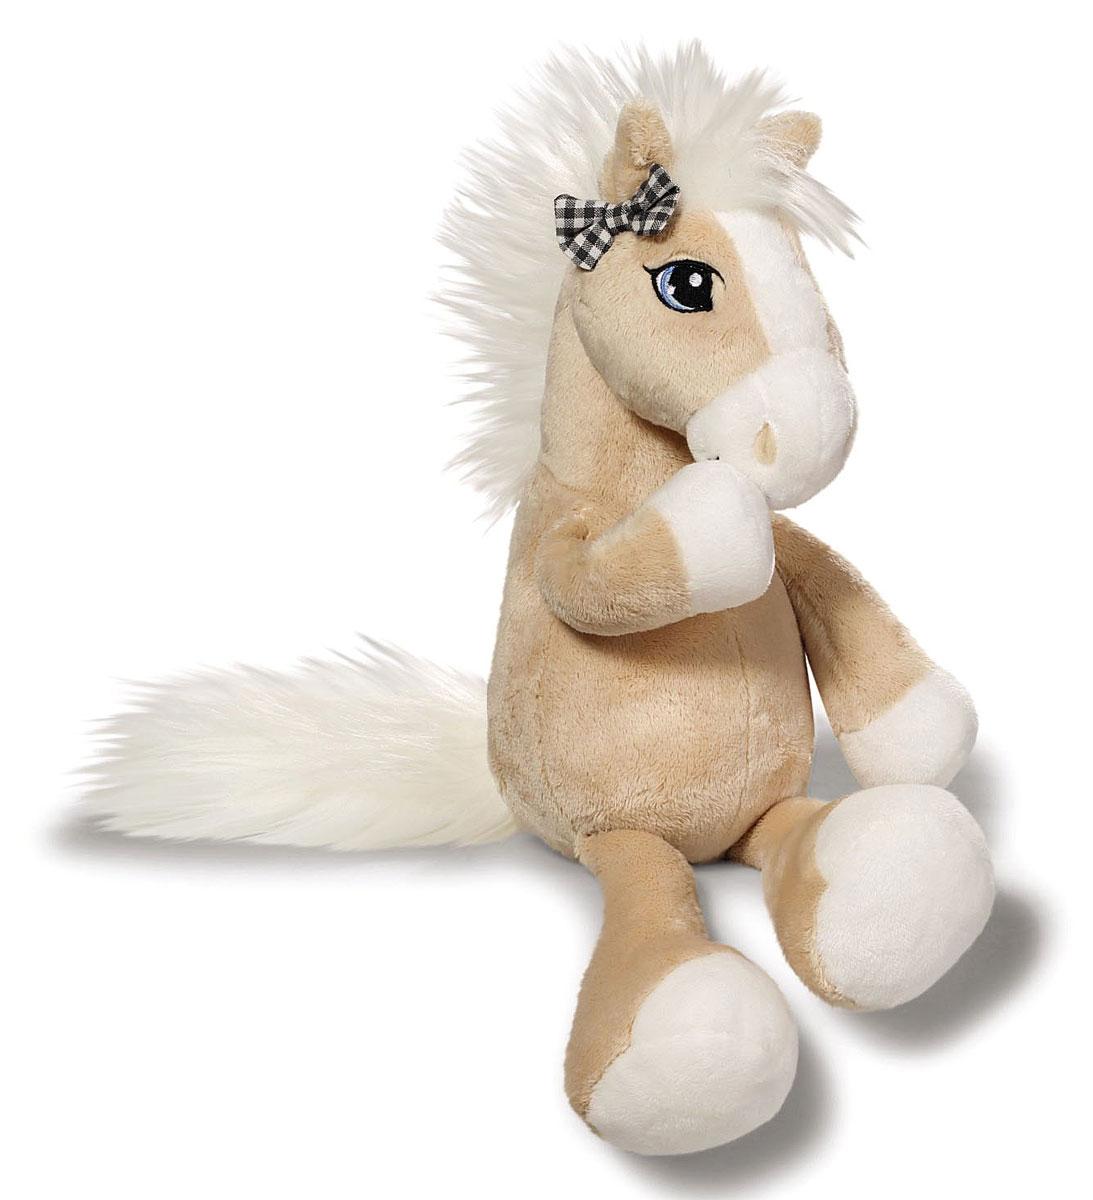 Nici Мягкая игрушка Лошадка Даймонд с бантиком цвет бежевый белый 80 см37843Очаровательная мягкая игрушка Nici Лошадка Даймонд выполнена в виде симпатичной плюшевой лошадки. Игрушка изготовлена из высококачественного текстильного материала бежевого цвета. Игрушка невероятно мягкая и приятная на ощупь, вам не захочется выпускать ее из рук. Глазки лошадки вышиты, а хвостик и грива выполнены из искусственного меха. Ушко лошадки украшает кокетливый бантик. Удивительно мягкая игрушка принесет радость и подарит своему обладателю мгновения нежных объятий и приятных воспоминаний. Великолепное качество исполнения делают эту игрушку чудесным подарком к любому празднику. Трогательная и симпатичная, она непременно вызовет улыбку у детей и взрослых.